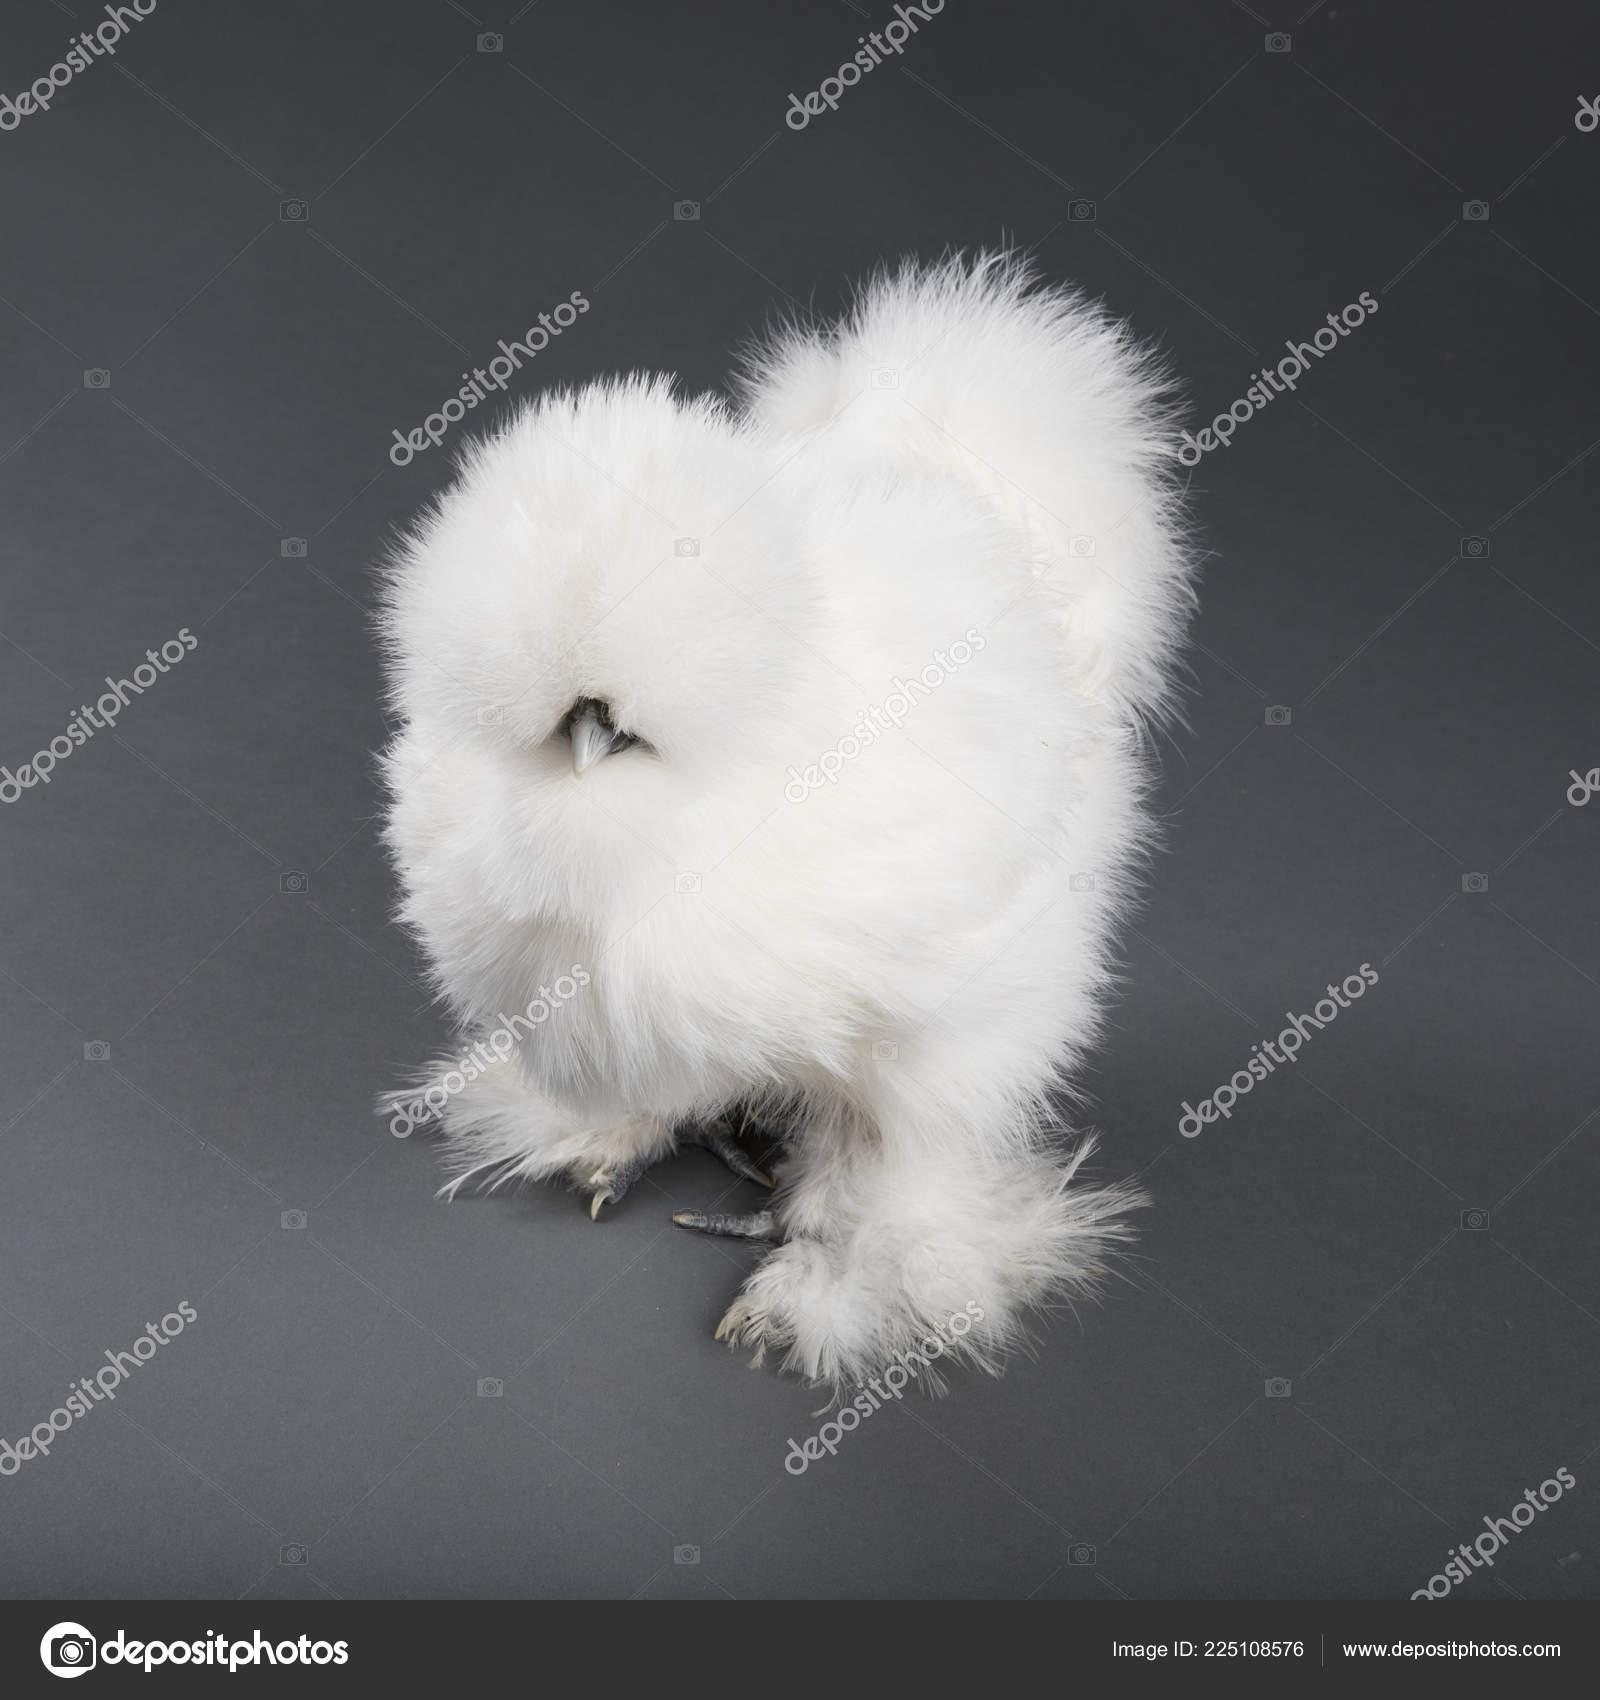 Μαύρο πουλί για το λευκό μουνί